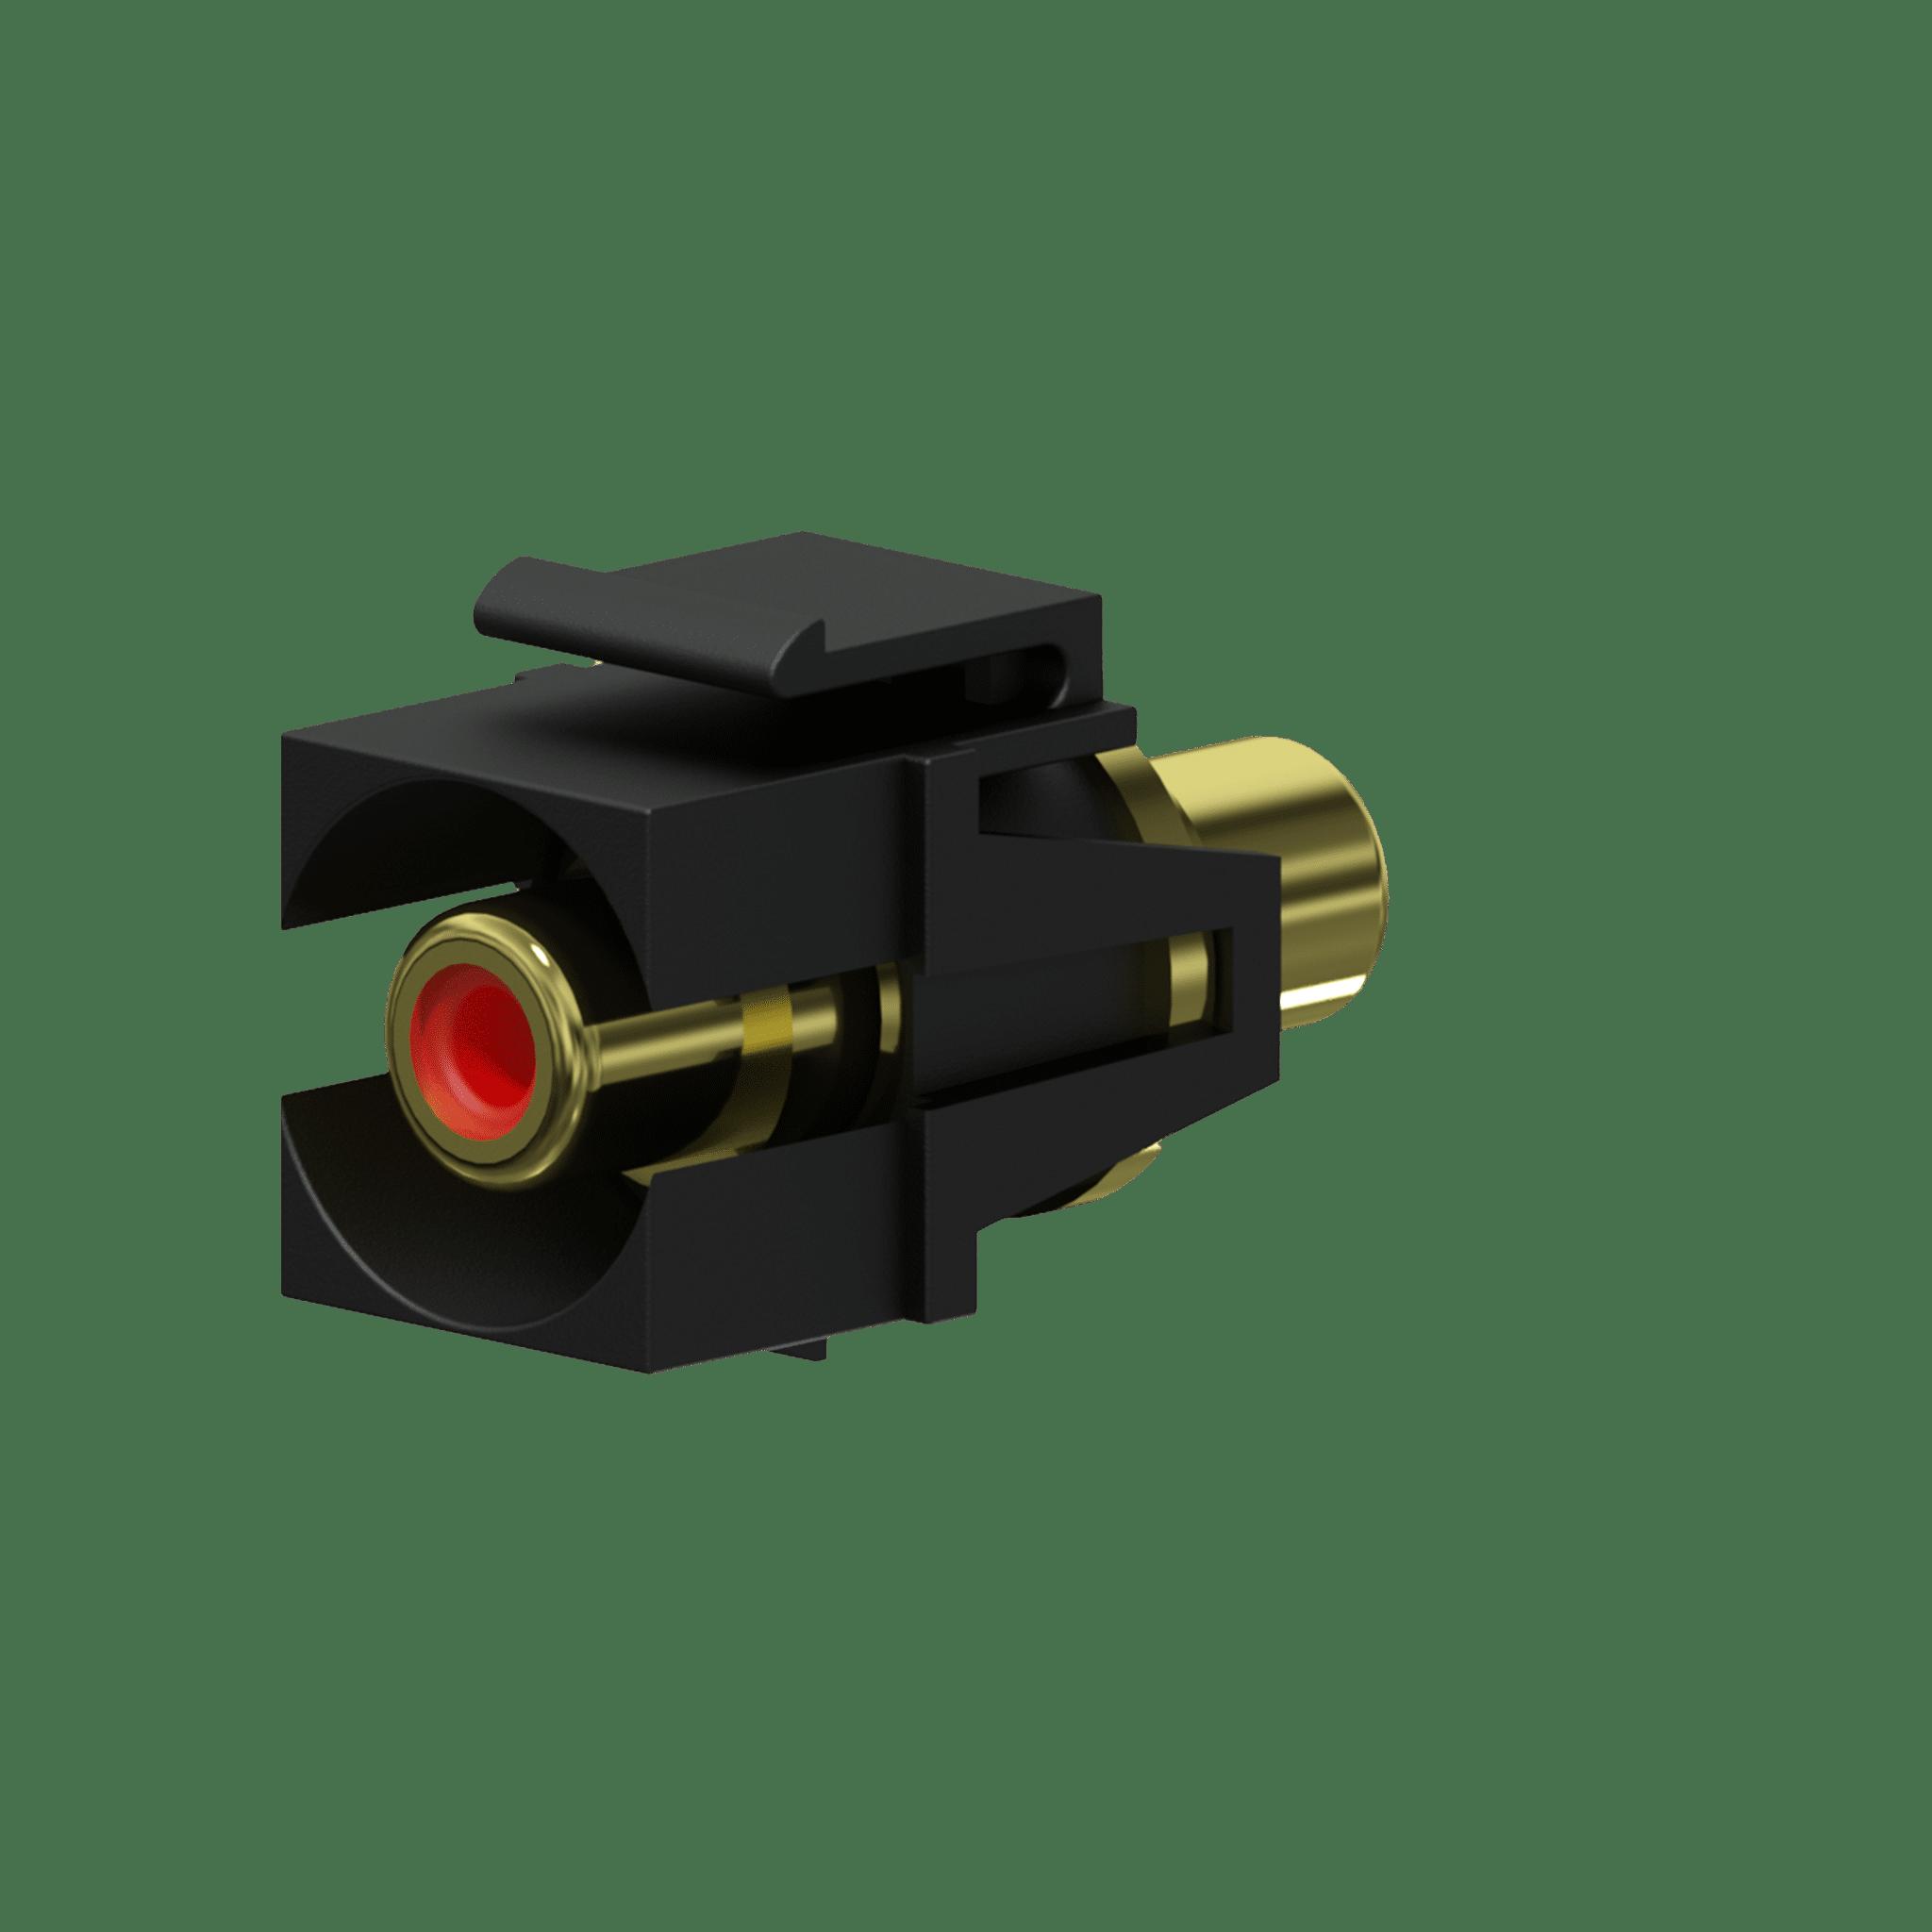 VCK107P/B - Black